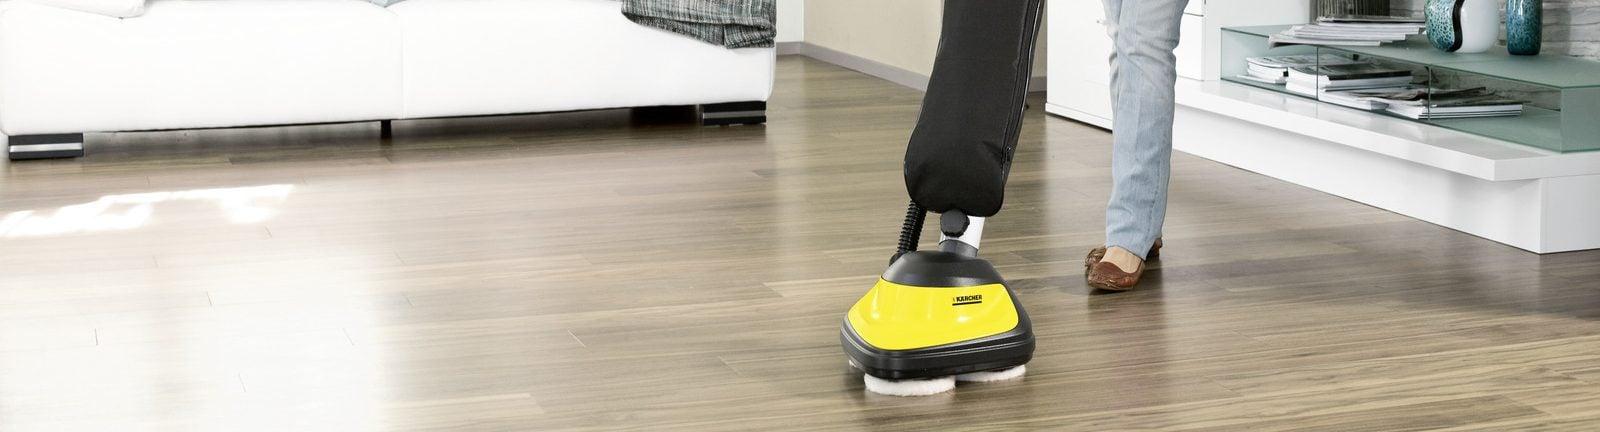 Meilleure polisseuse de sol